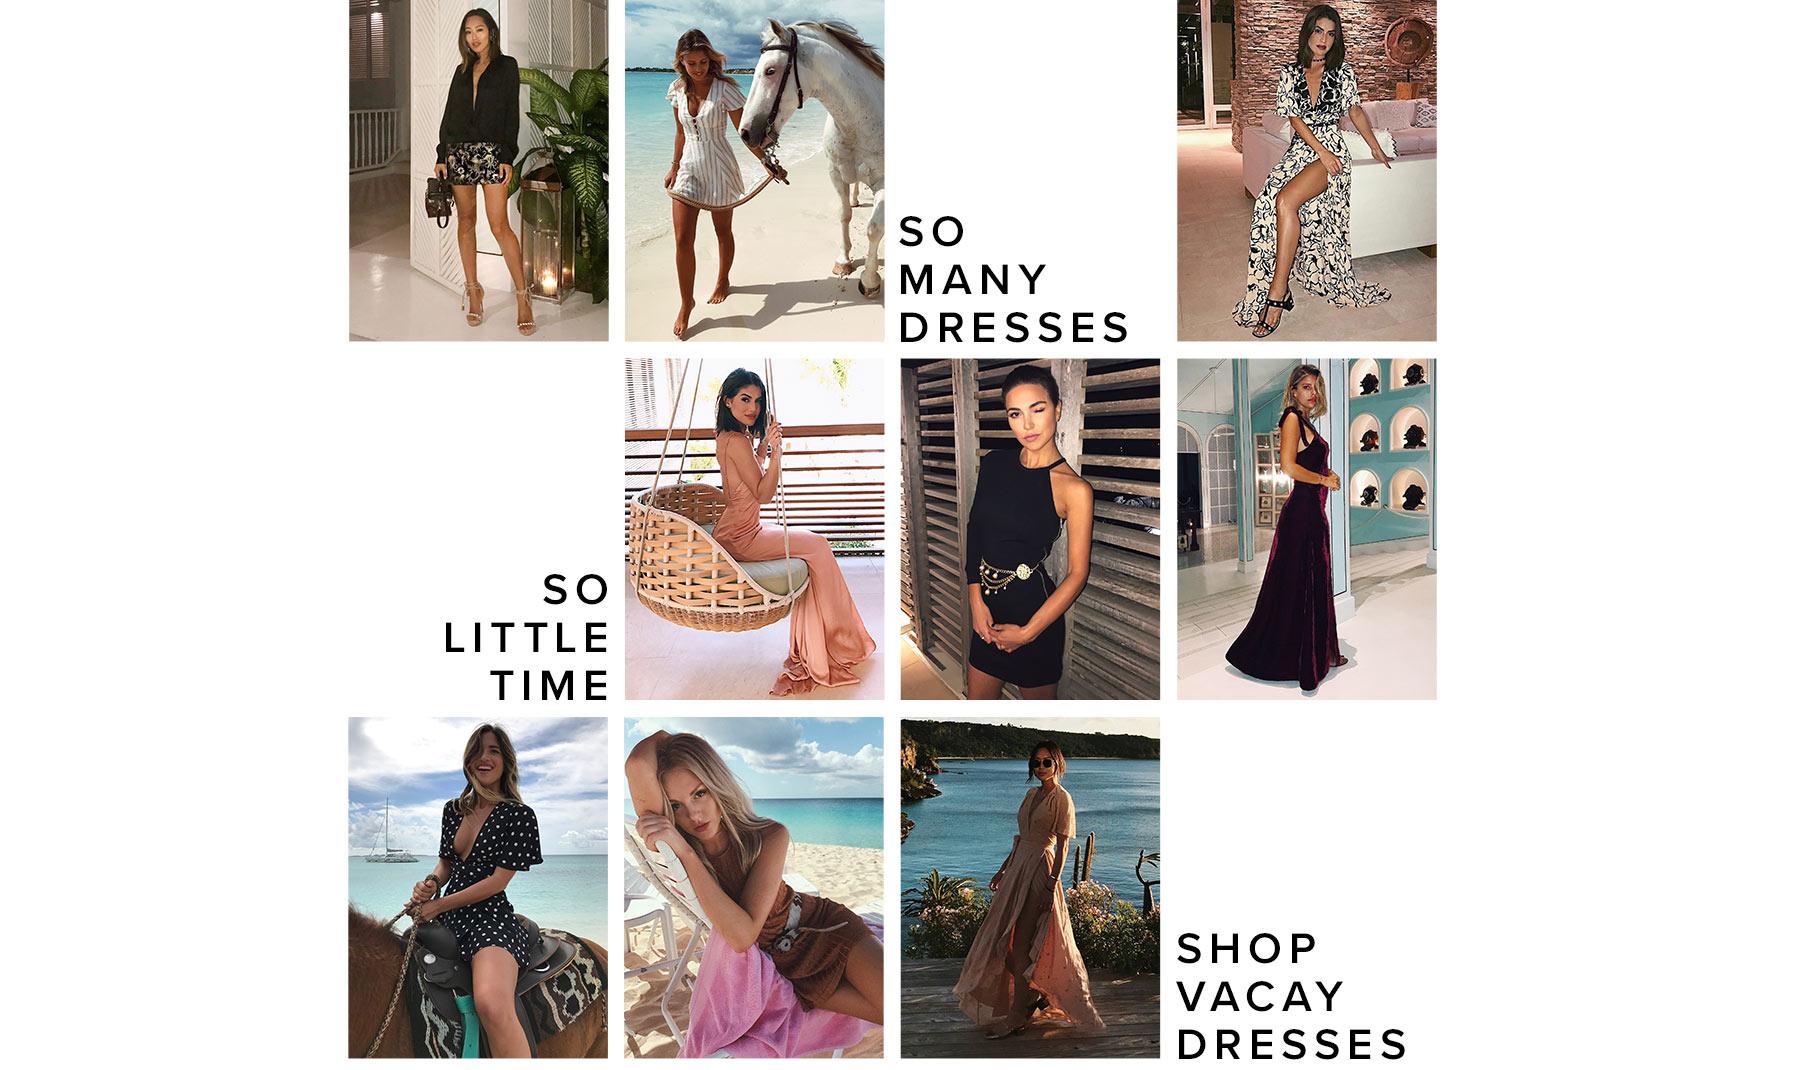 SHOP VACAY DRESSES